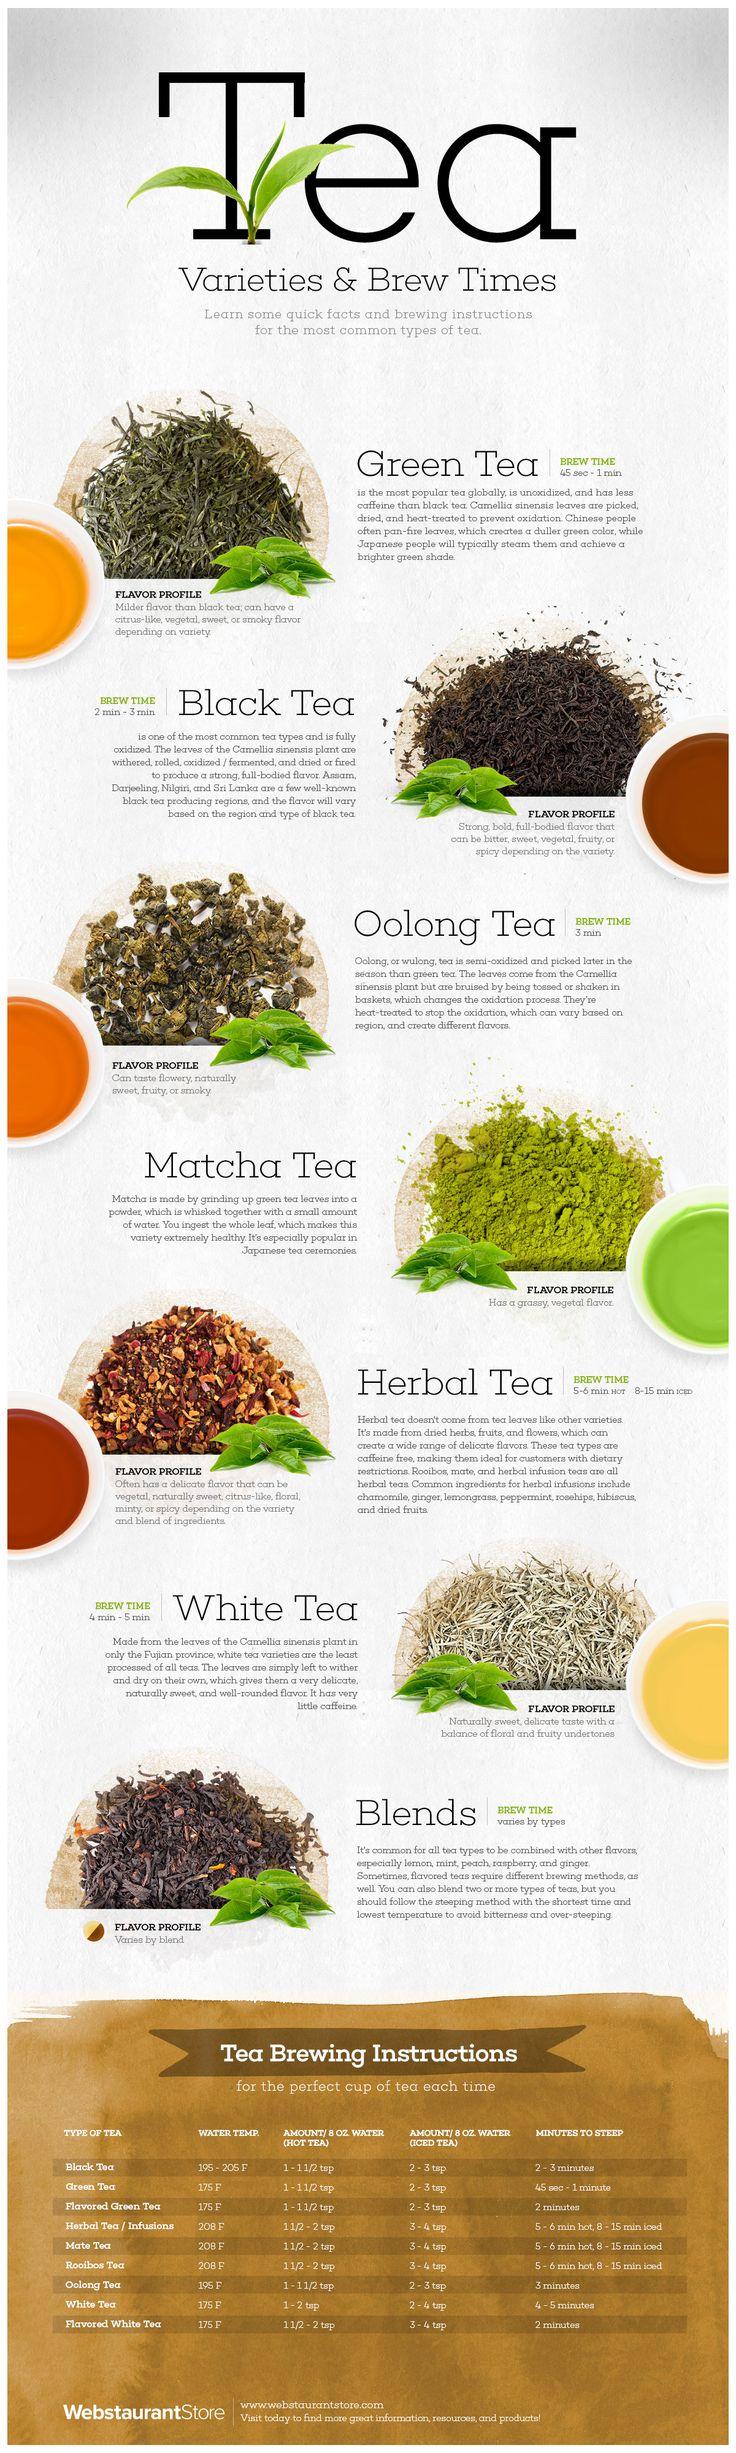 Blend gourmet herbal tea - Herbal Teas